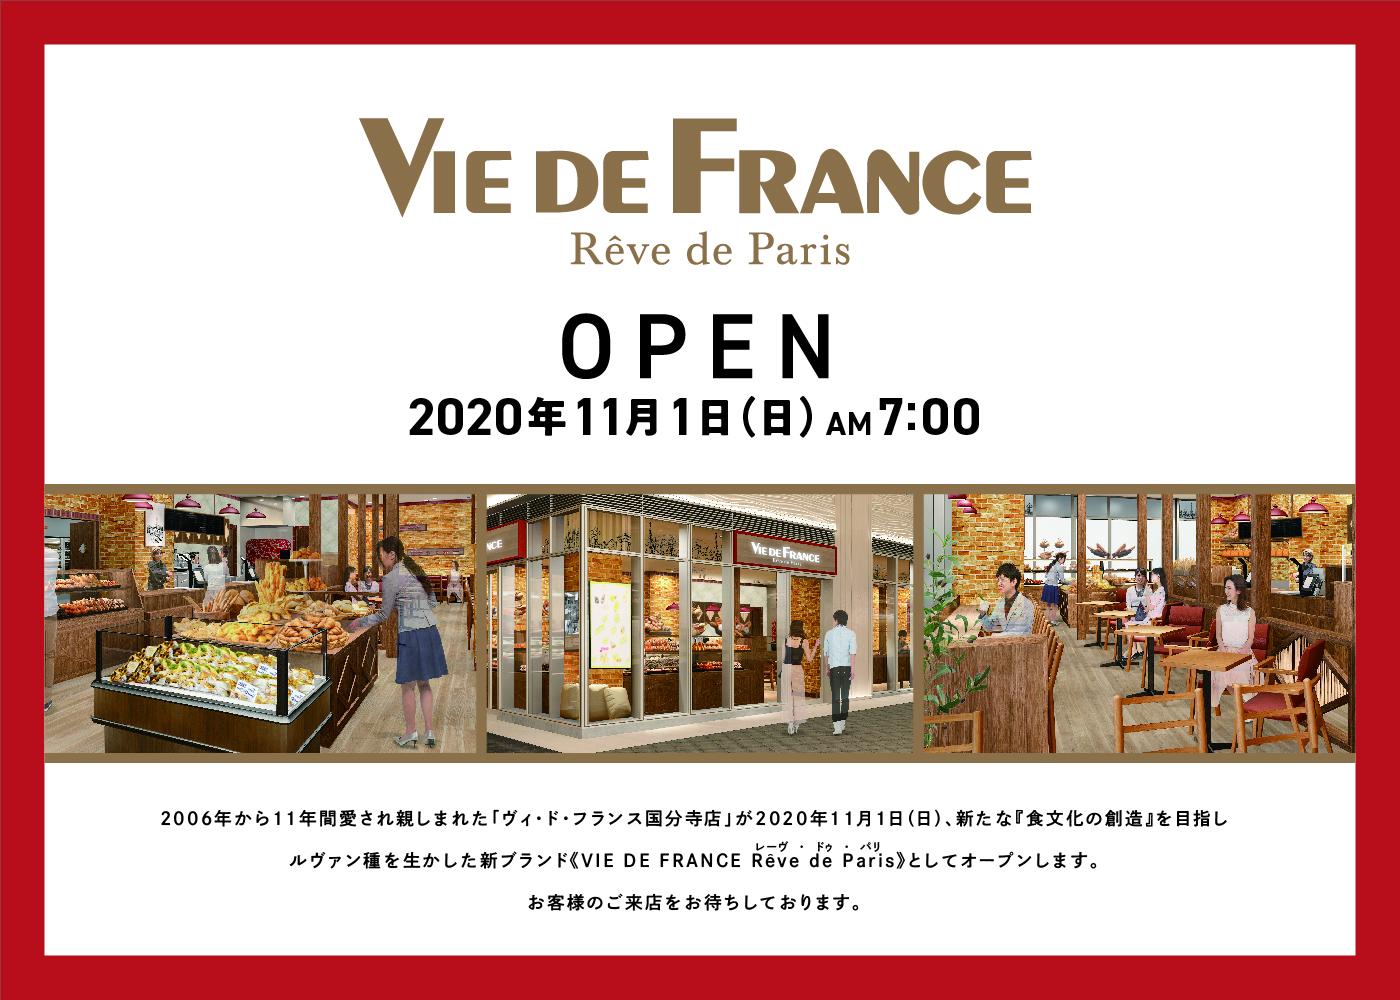 「ヴィ・ド・フランス国分寺店」オープン